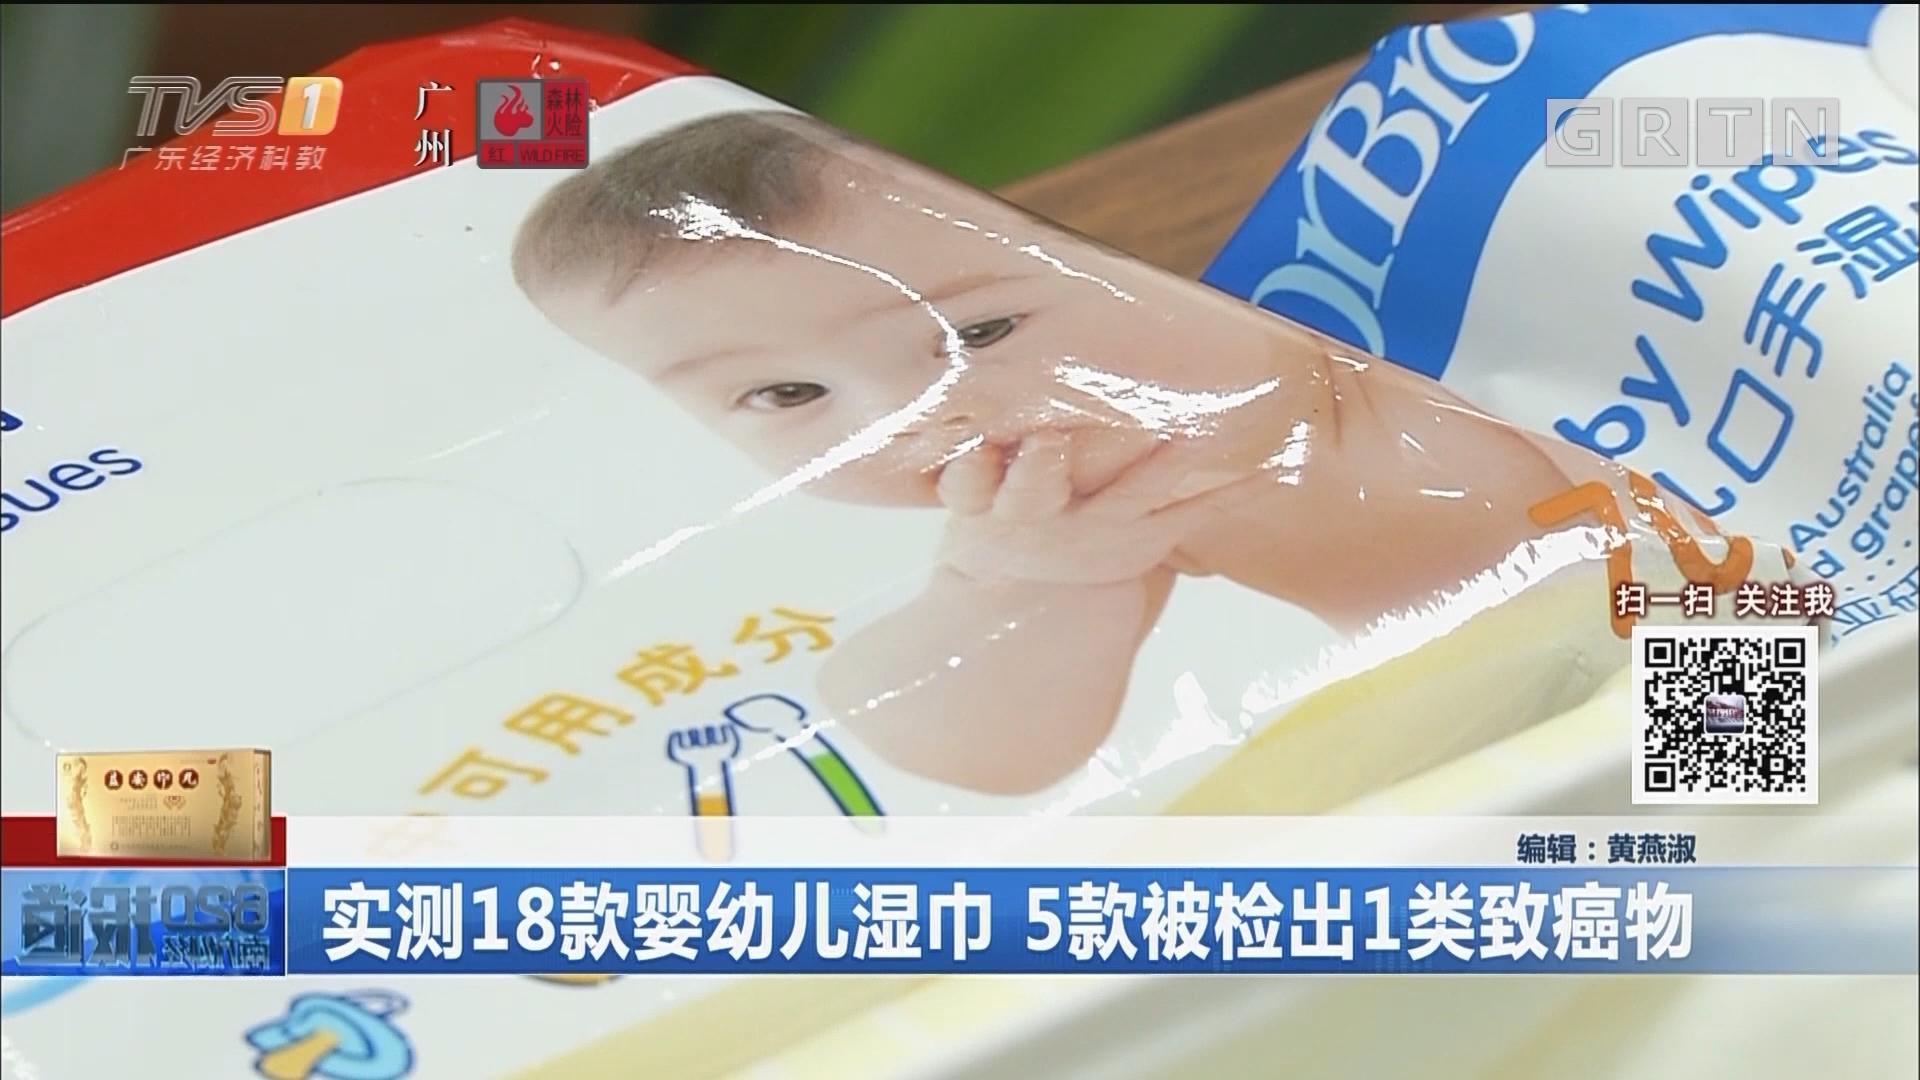 實測18款嬰幼兒濕巾 5款被檢出1類致癌物